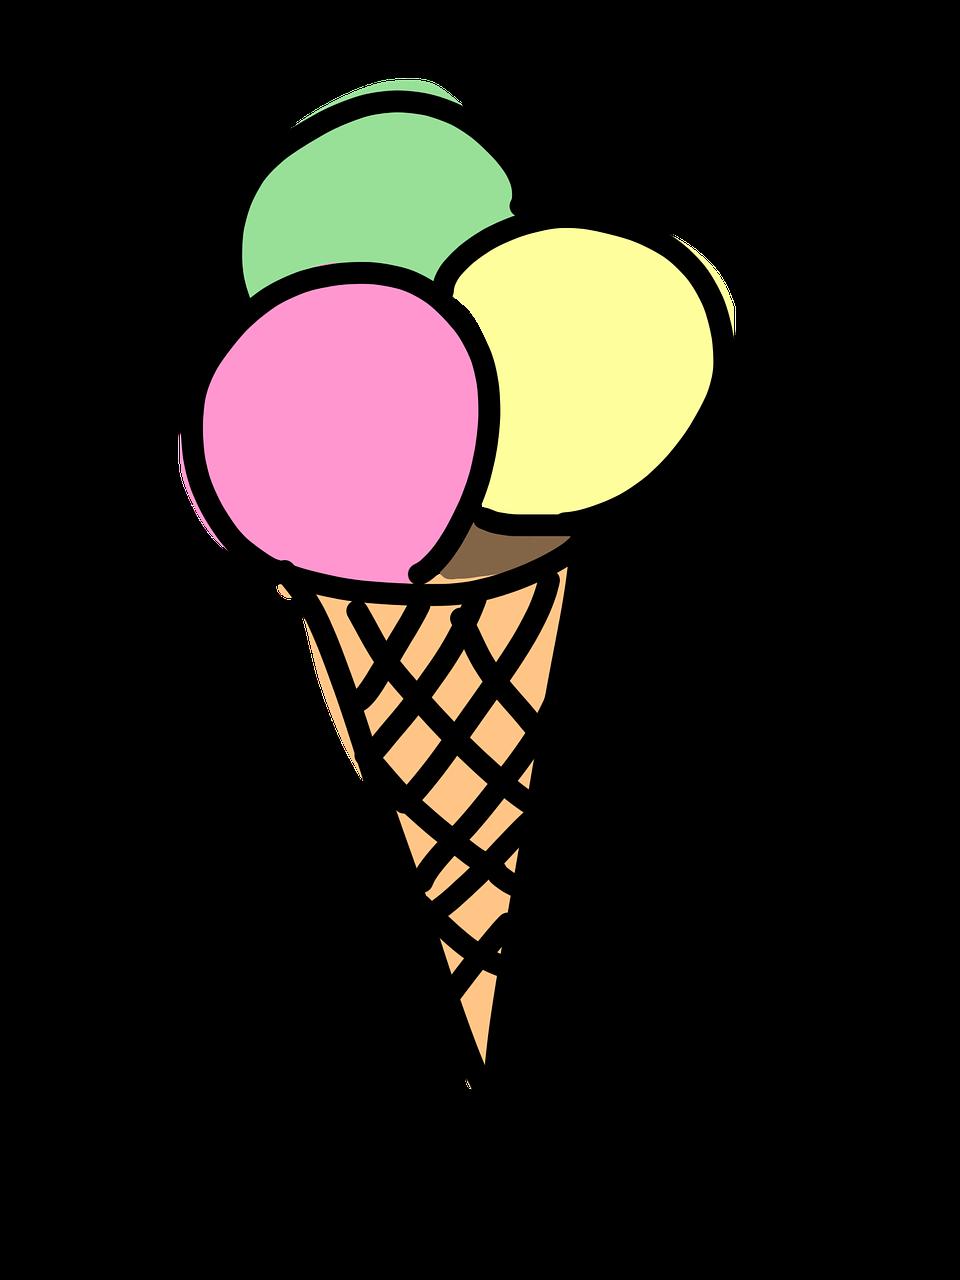 Открытки, мороженое картинки нарисованные